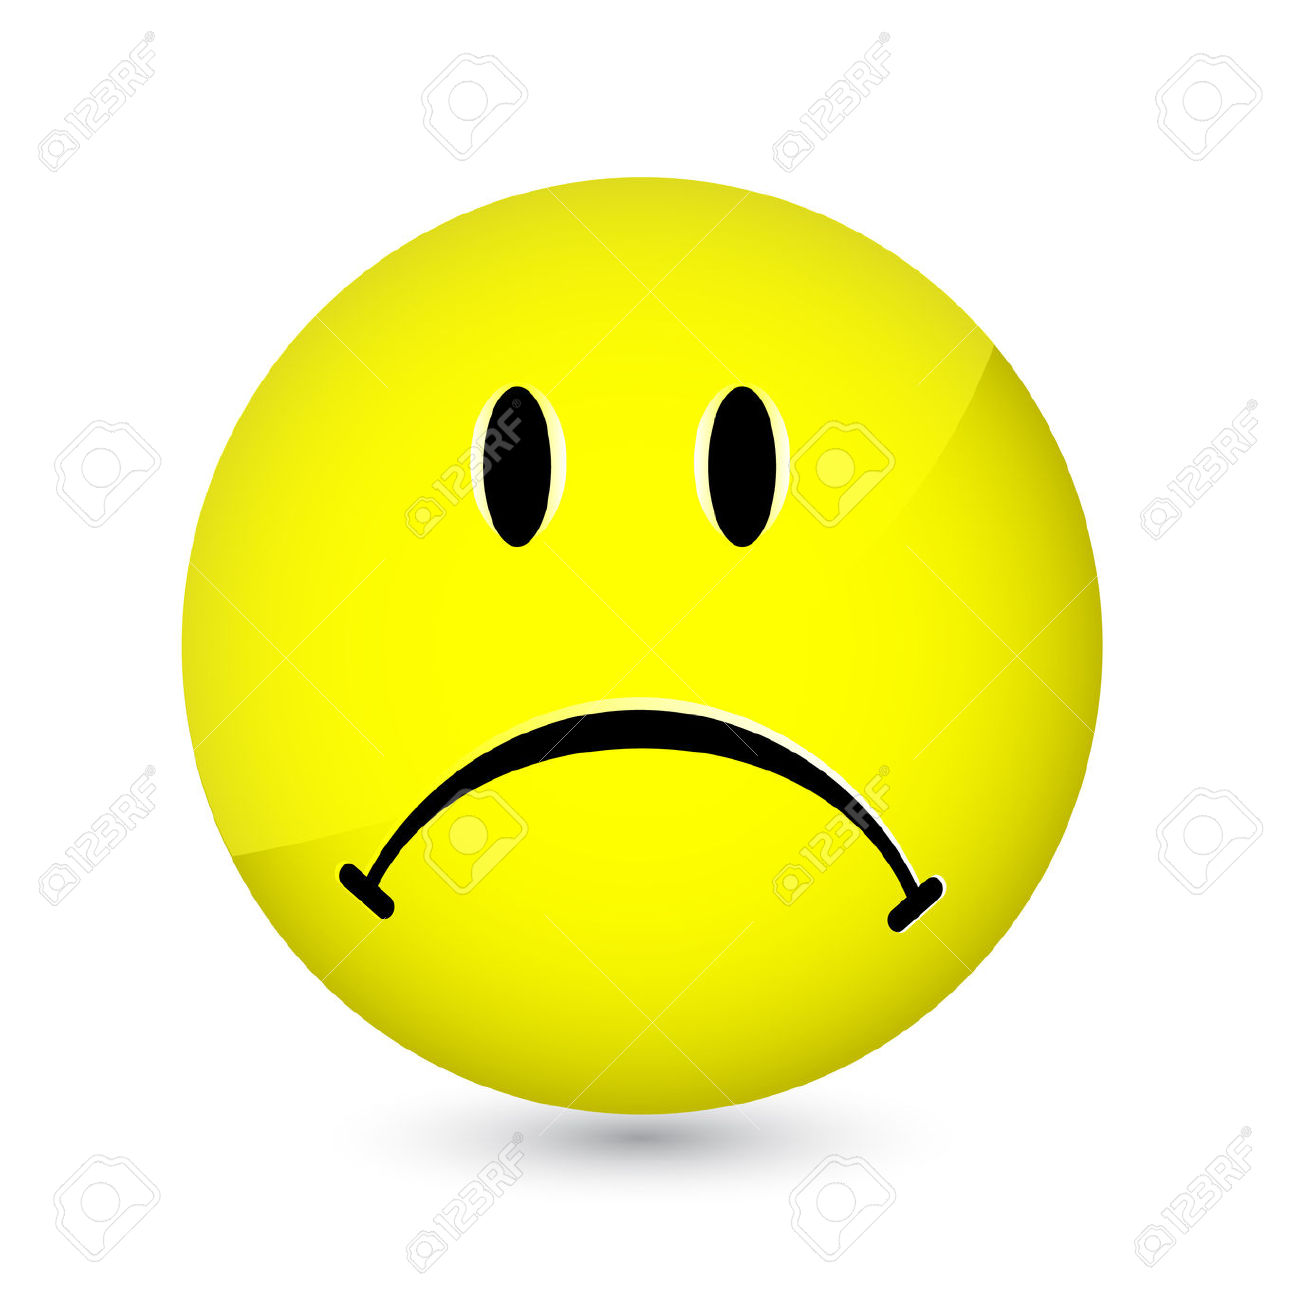 sad face images clipart